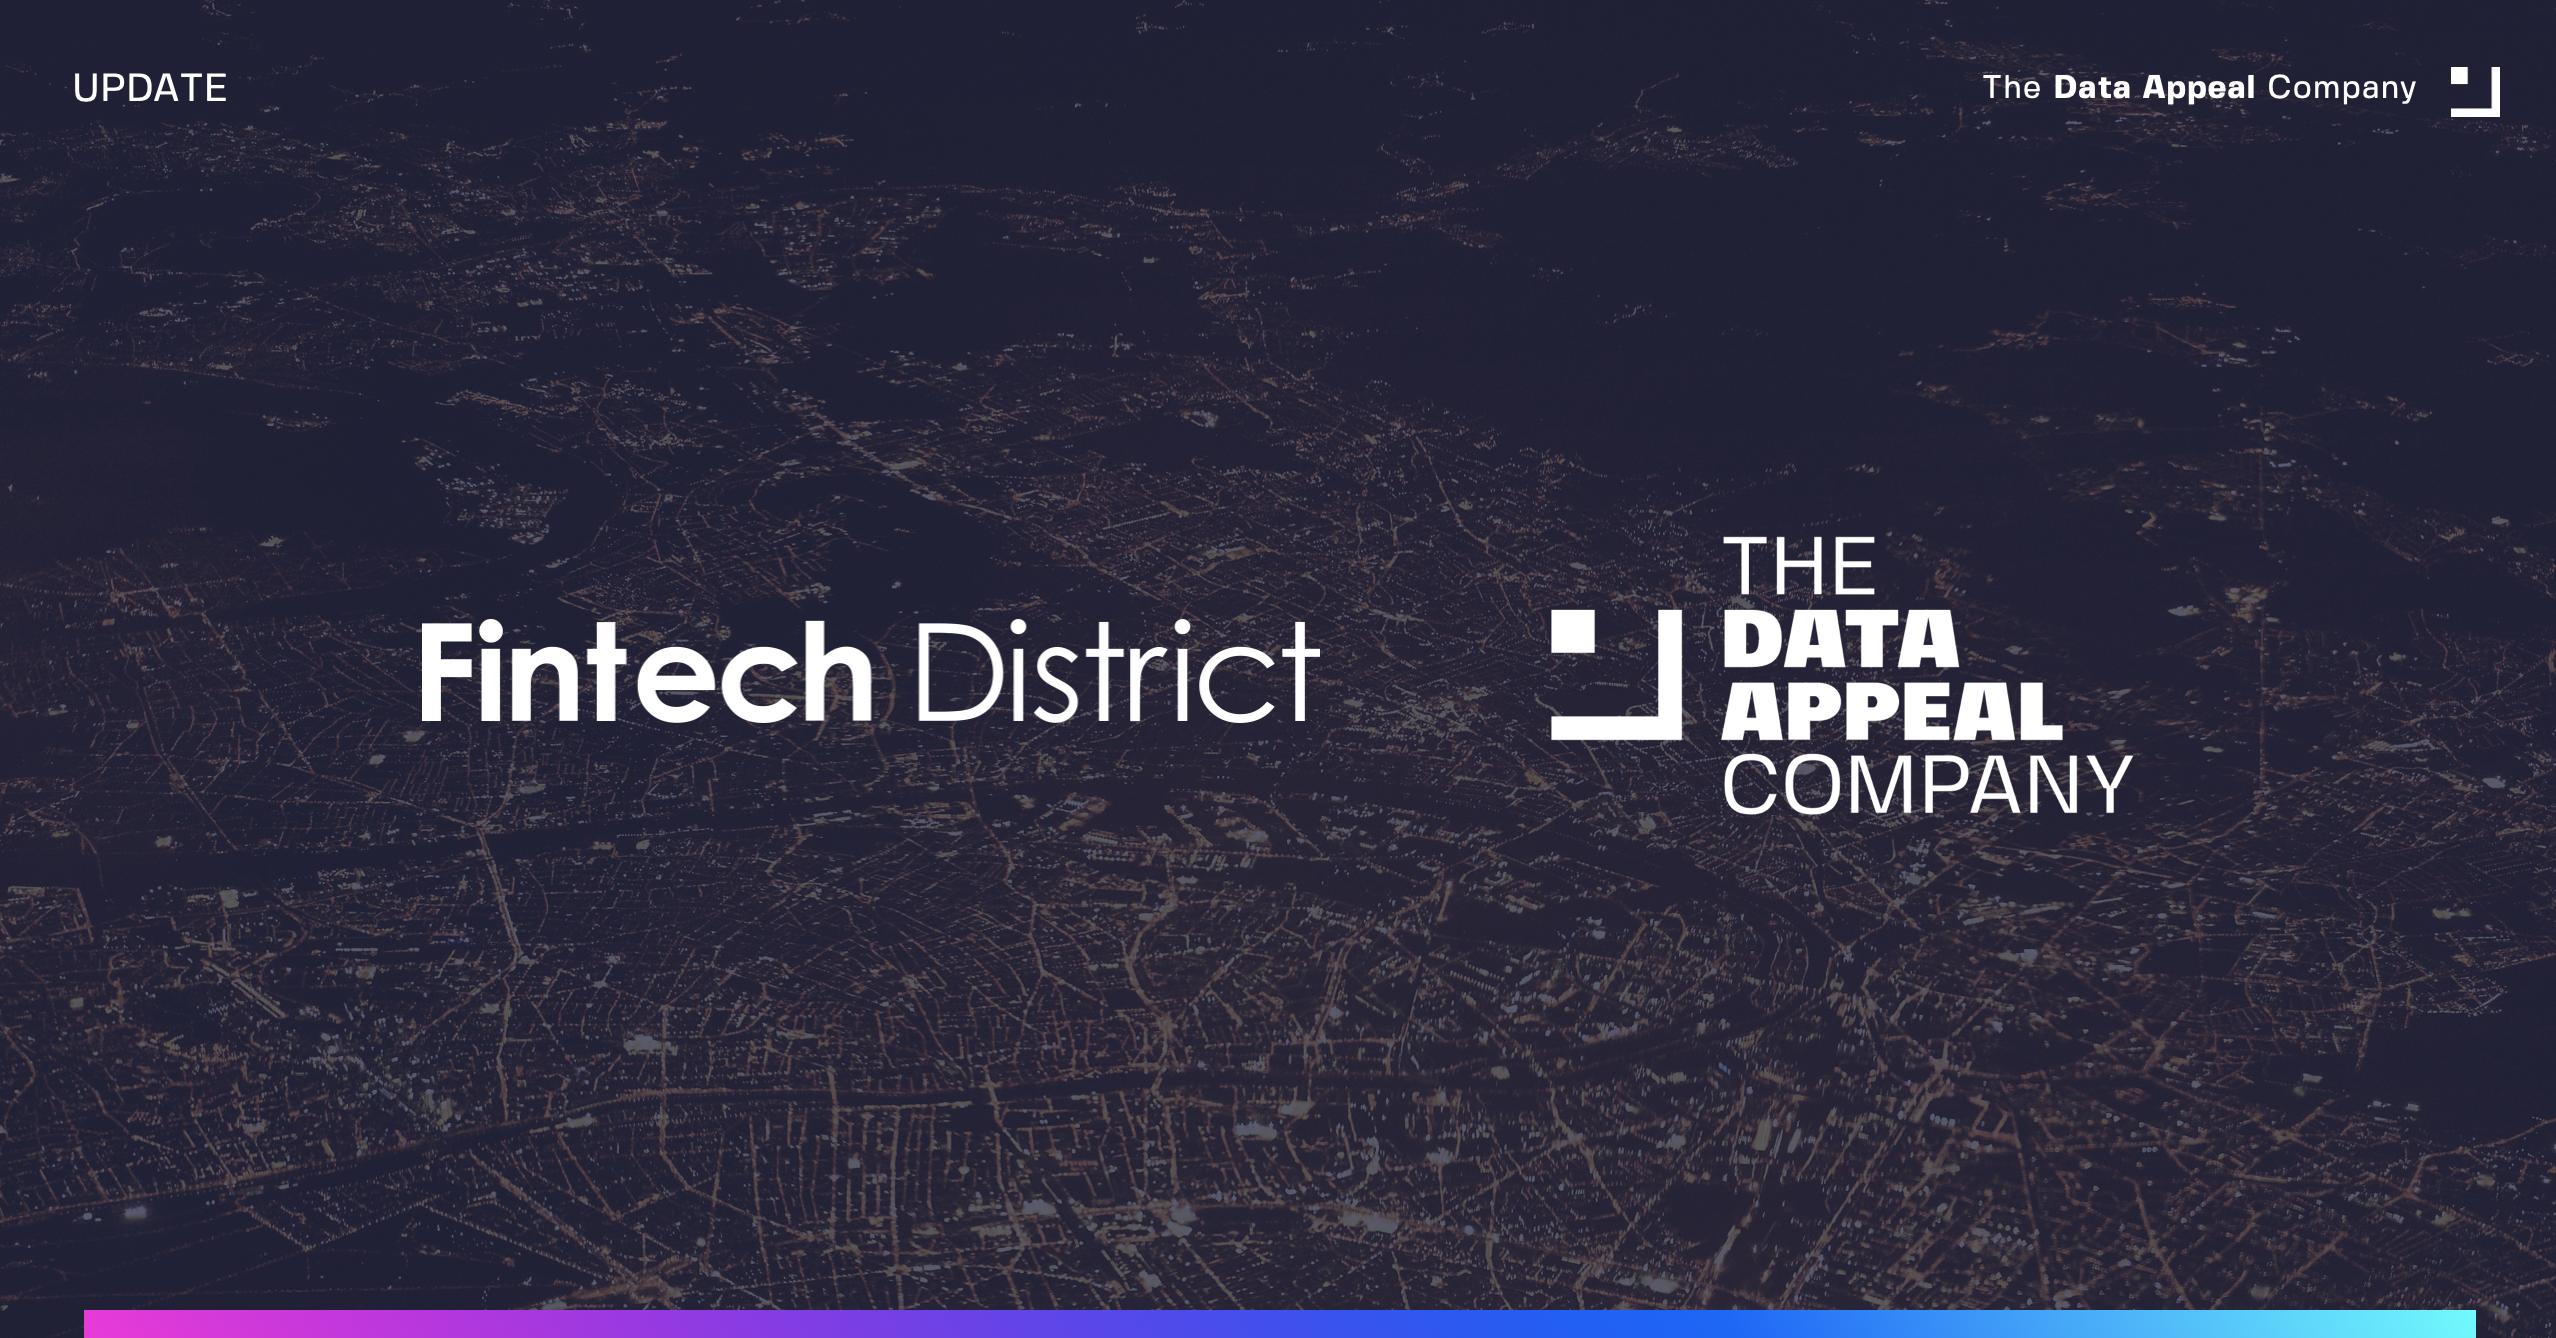 Fintech District